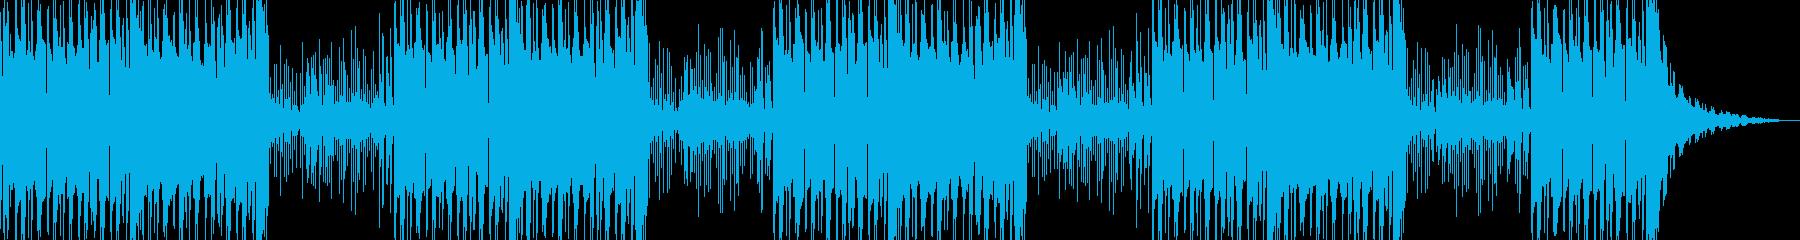 琴の伴奏なしの再生済みの波形